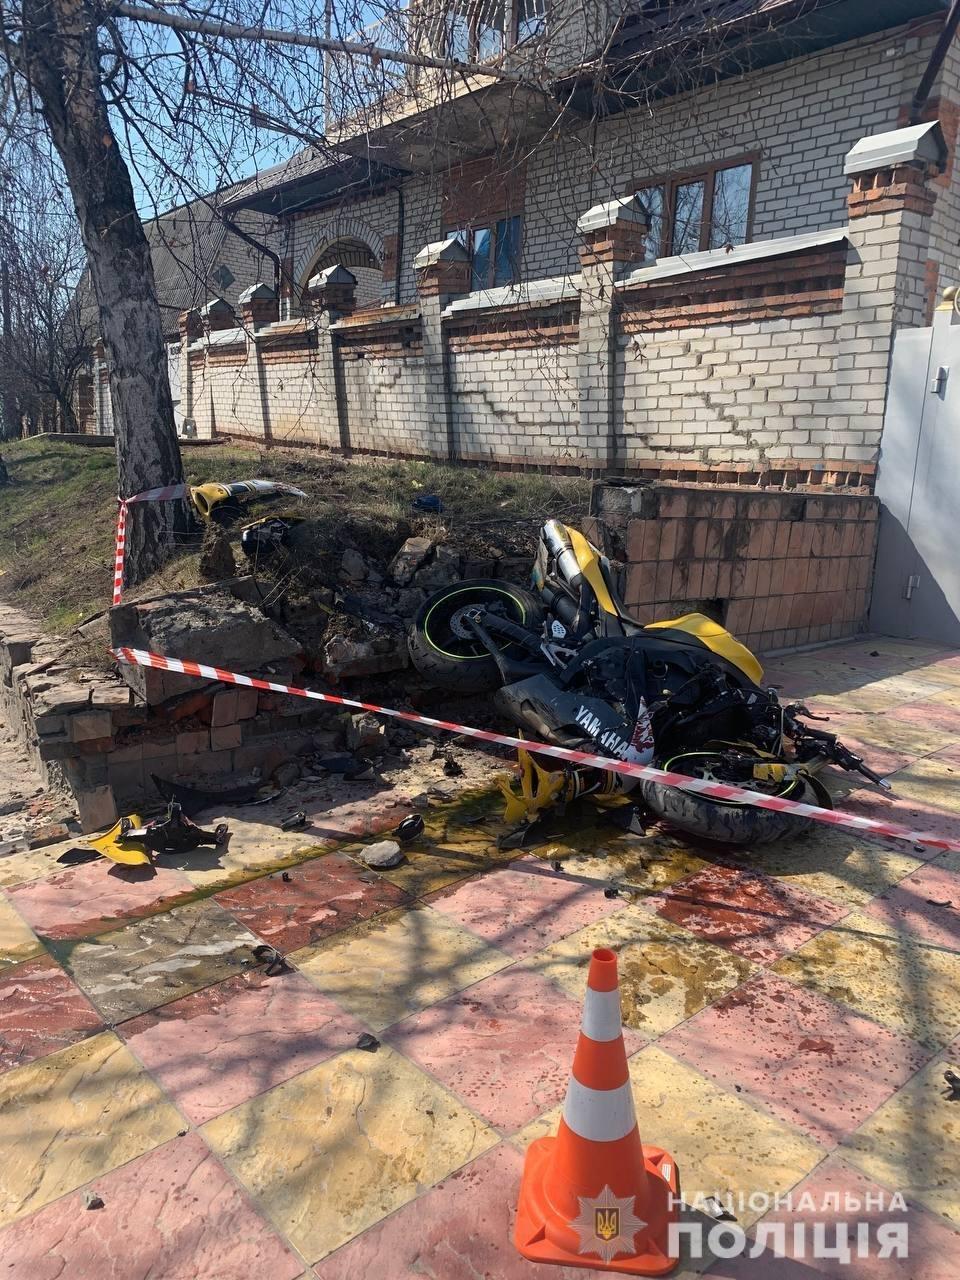 Мотоцикл разыскивает киевская полиция: подробности ДТП с пострадавшим байкером в Харькове, - ФОТО, фото-1